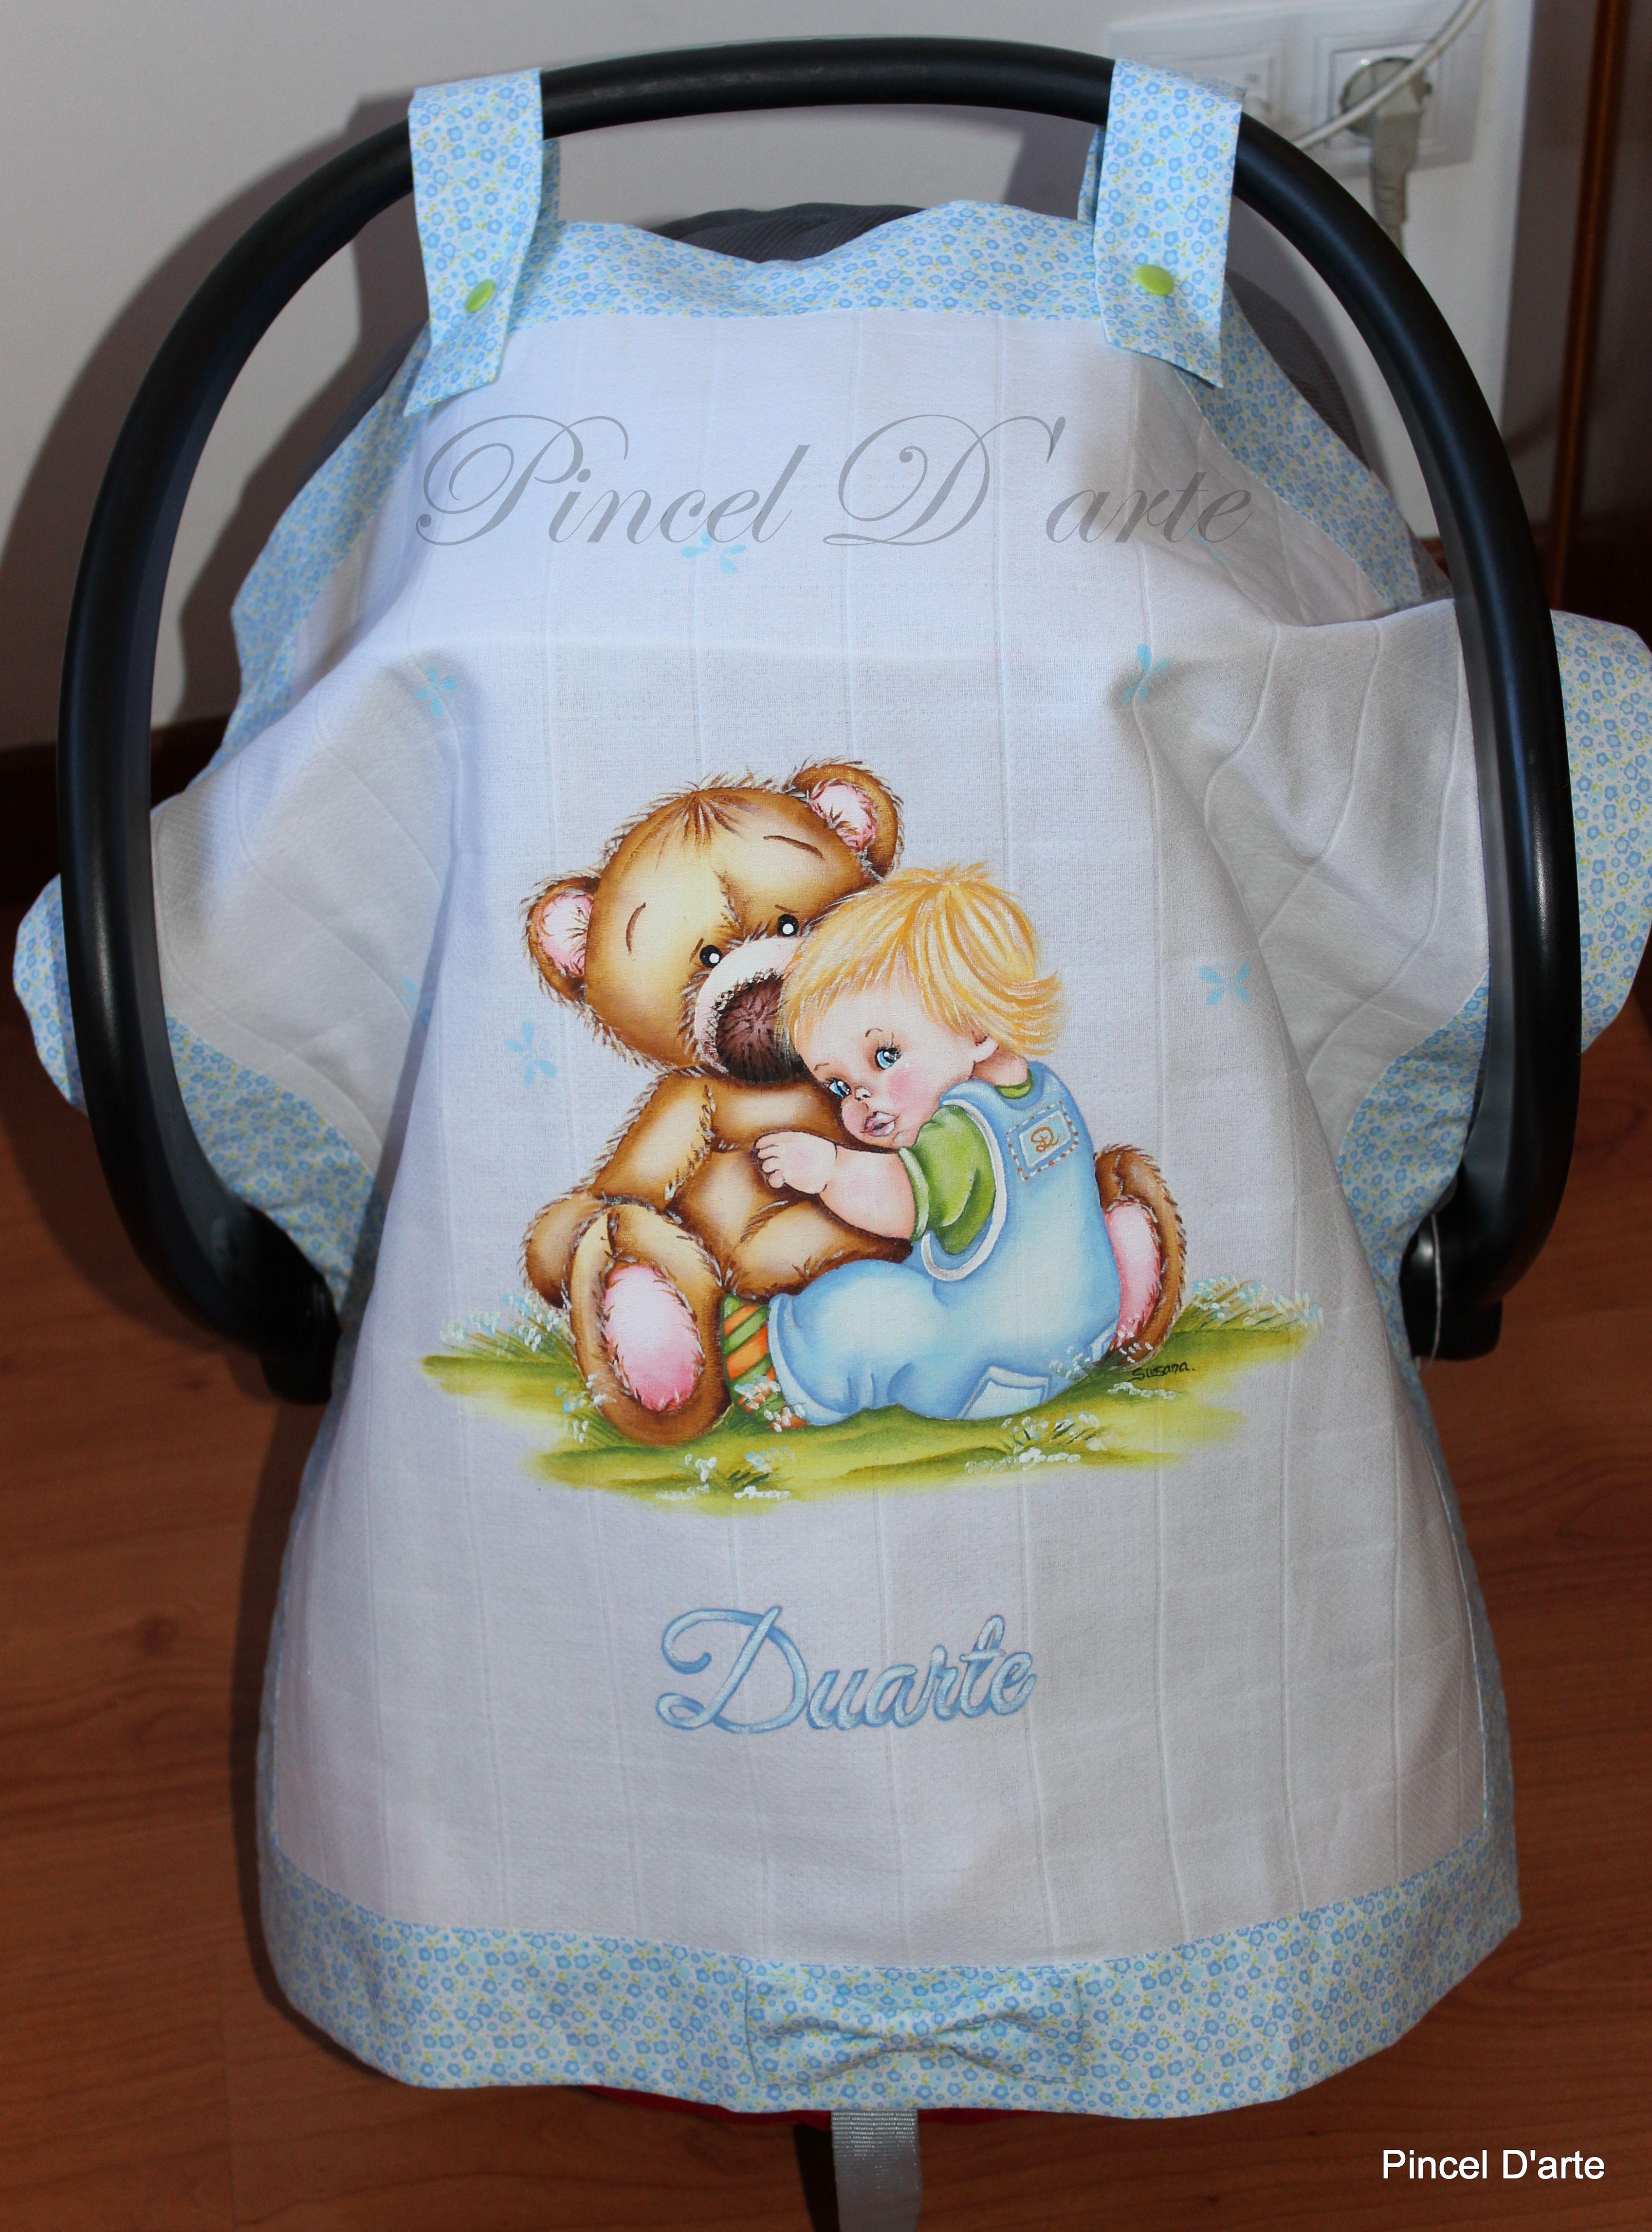 Fralda Tapa Ovo Baby Pinterest Babysitting